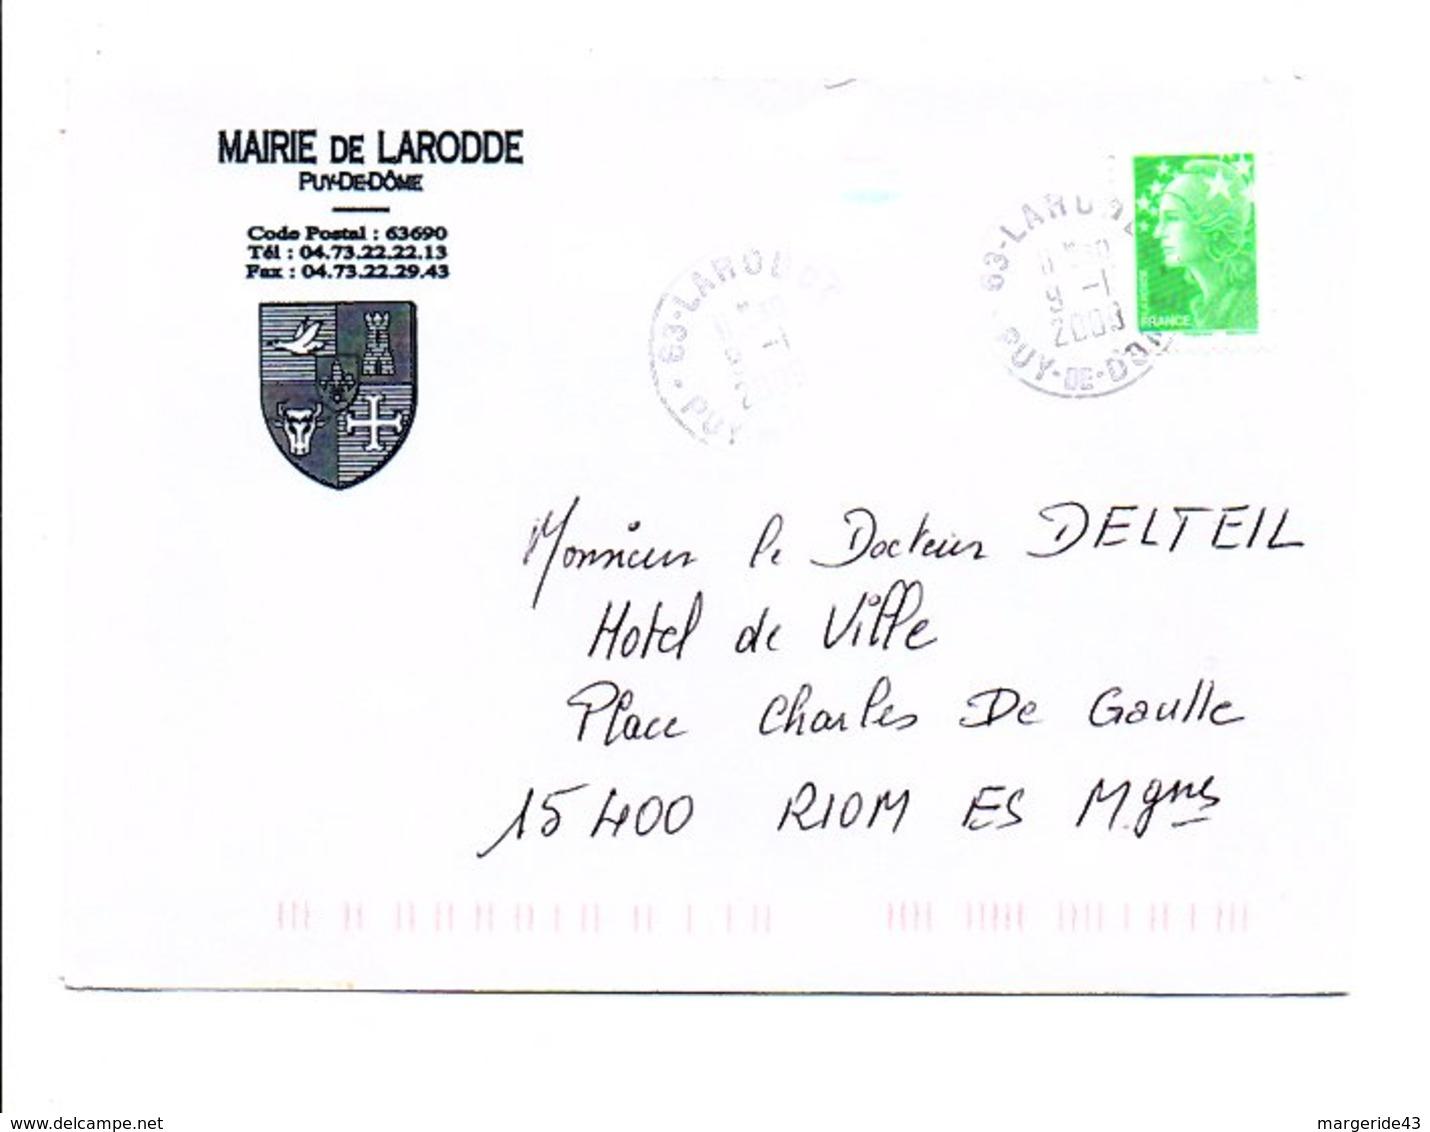 LETTRE DE MAIRIE DE LARODDE PUY DE DOME - 1961-....